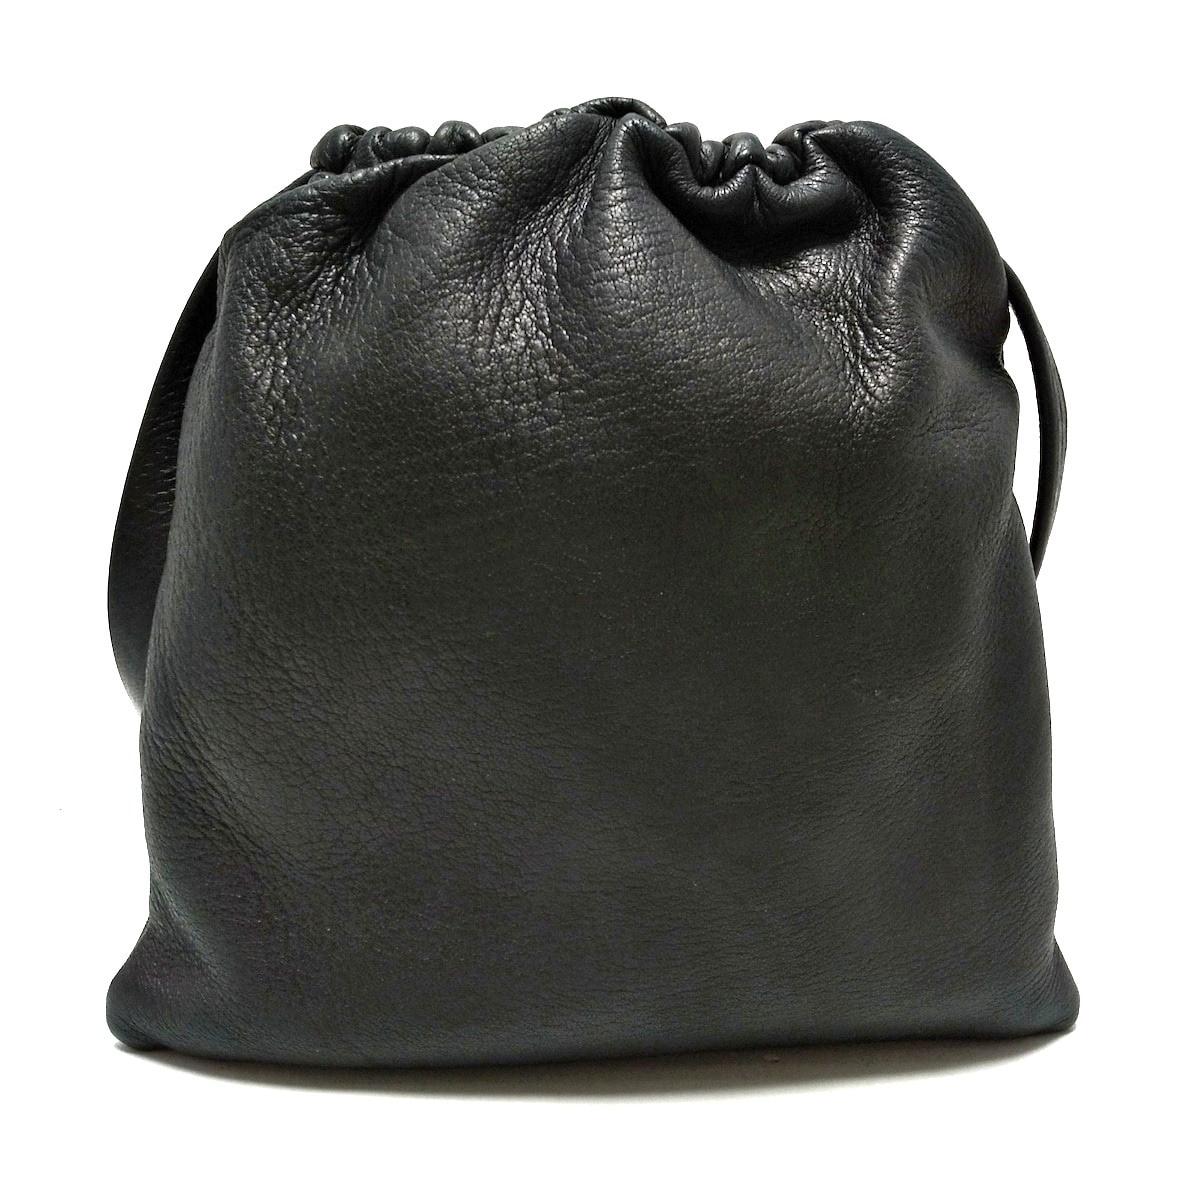 Aeta(アエタ)のショルダーバッグ